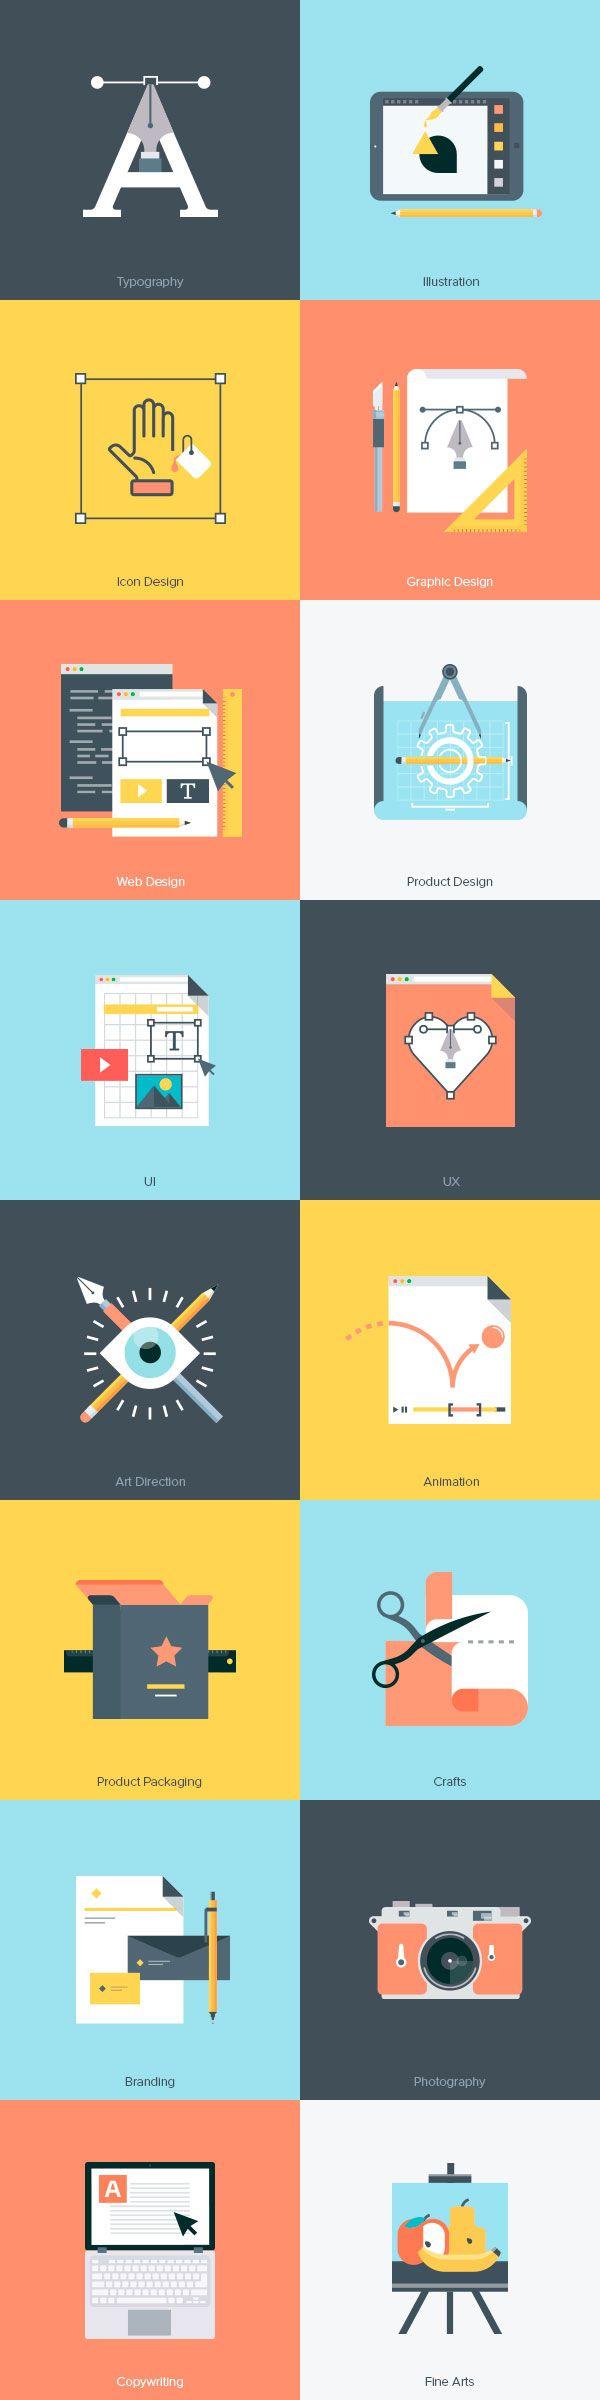 Iconos creativos con muy buen acabado y detalles